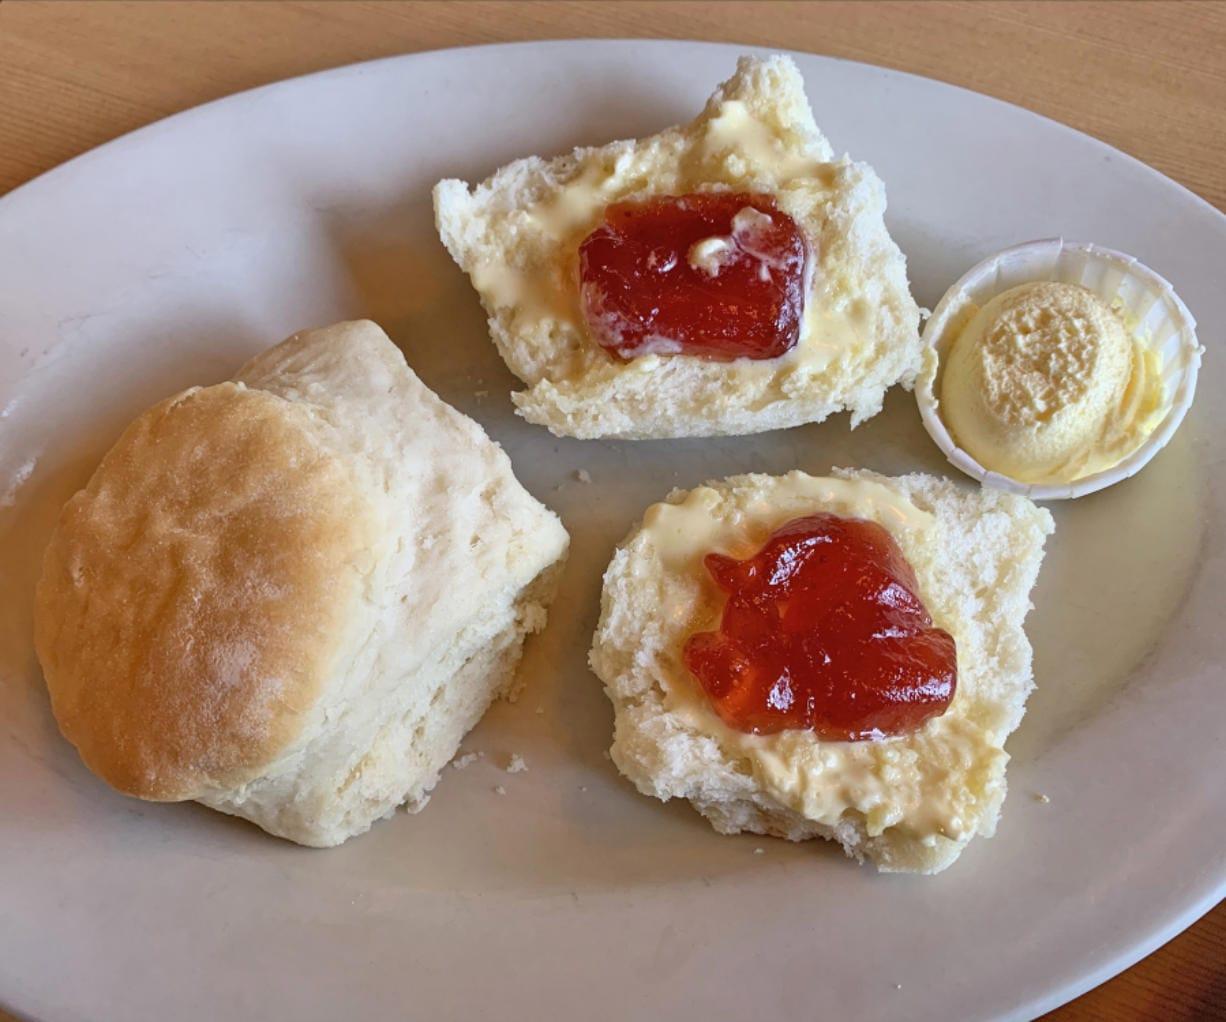 Side order of biscuits at Hockinson Cafe.